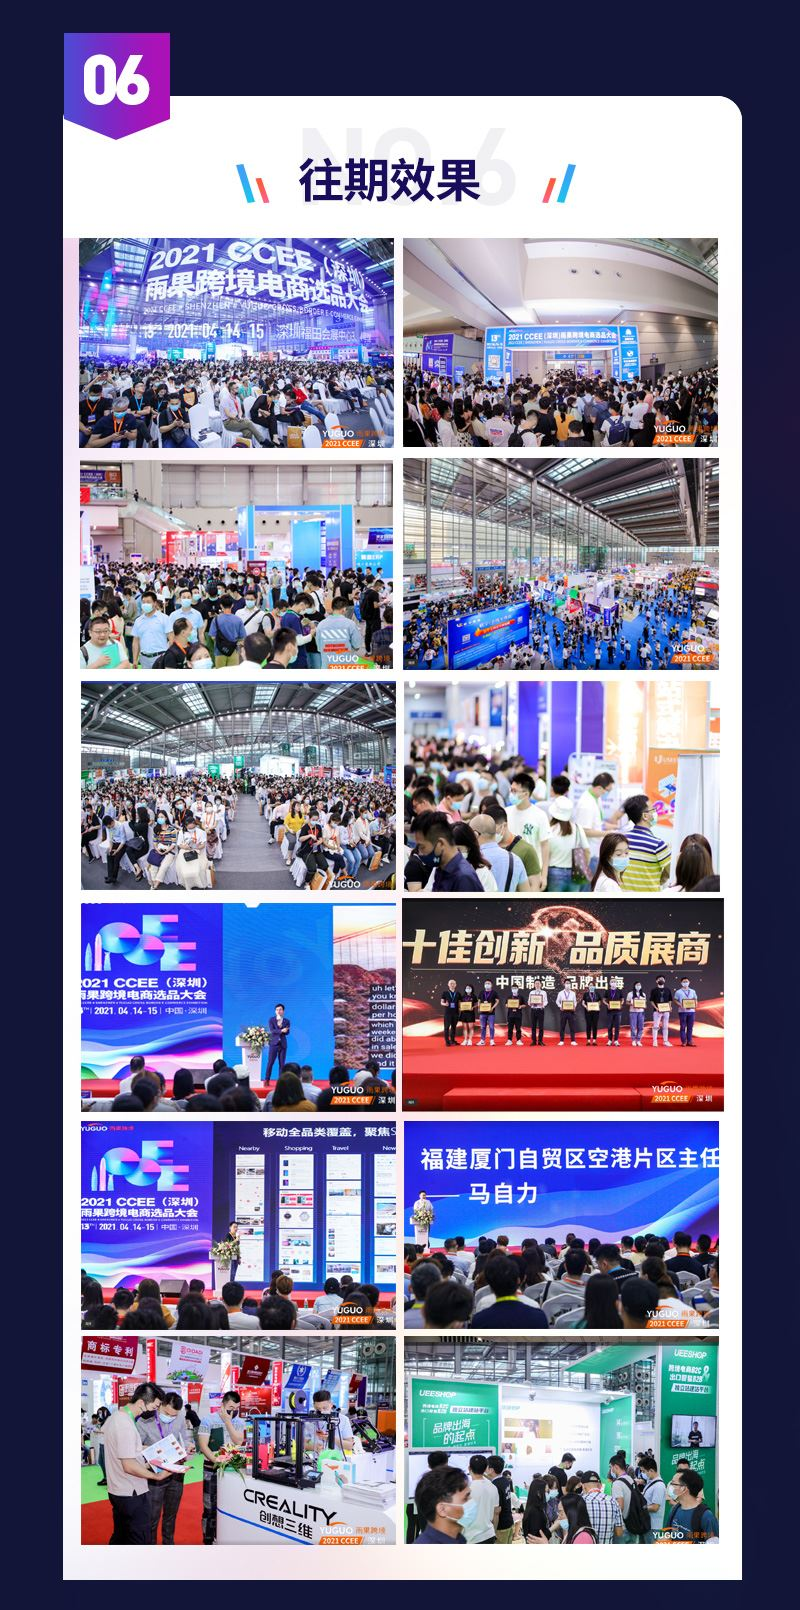 2021广州CCEE-活动行(1)_06.jpg